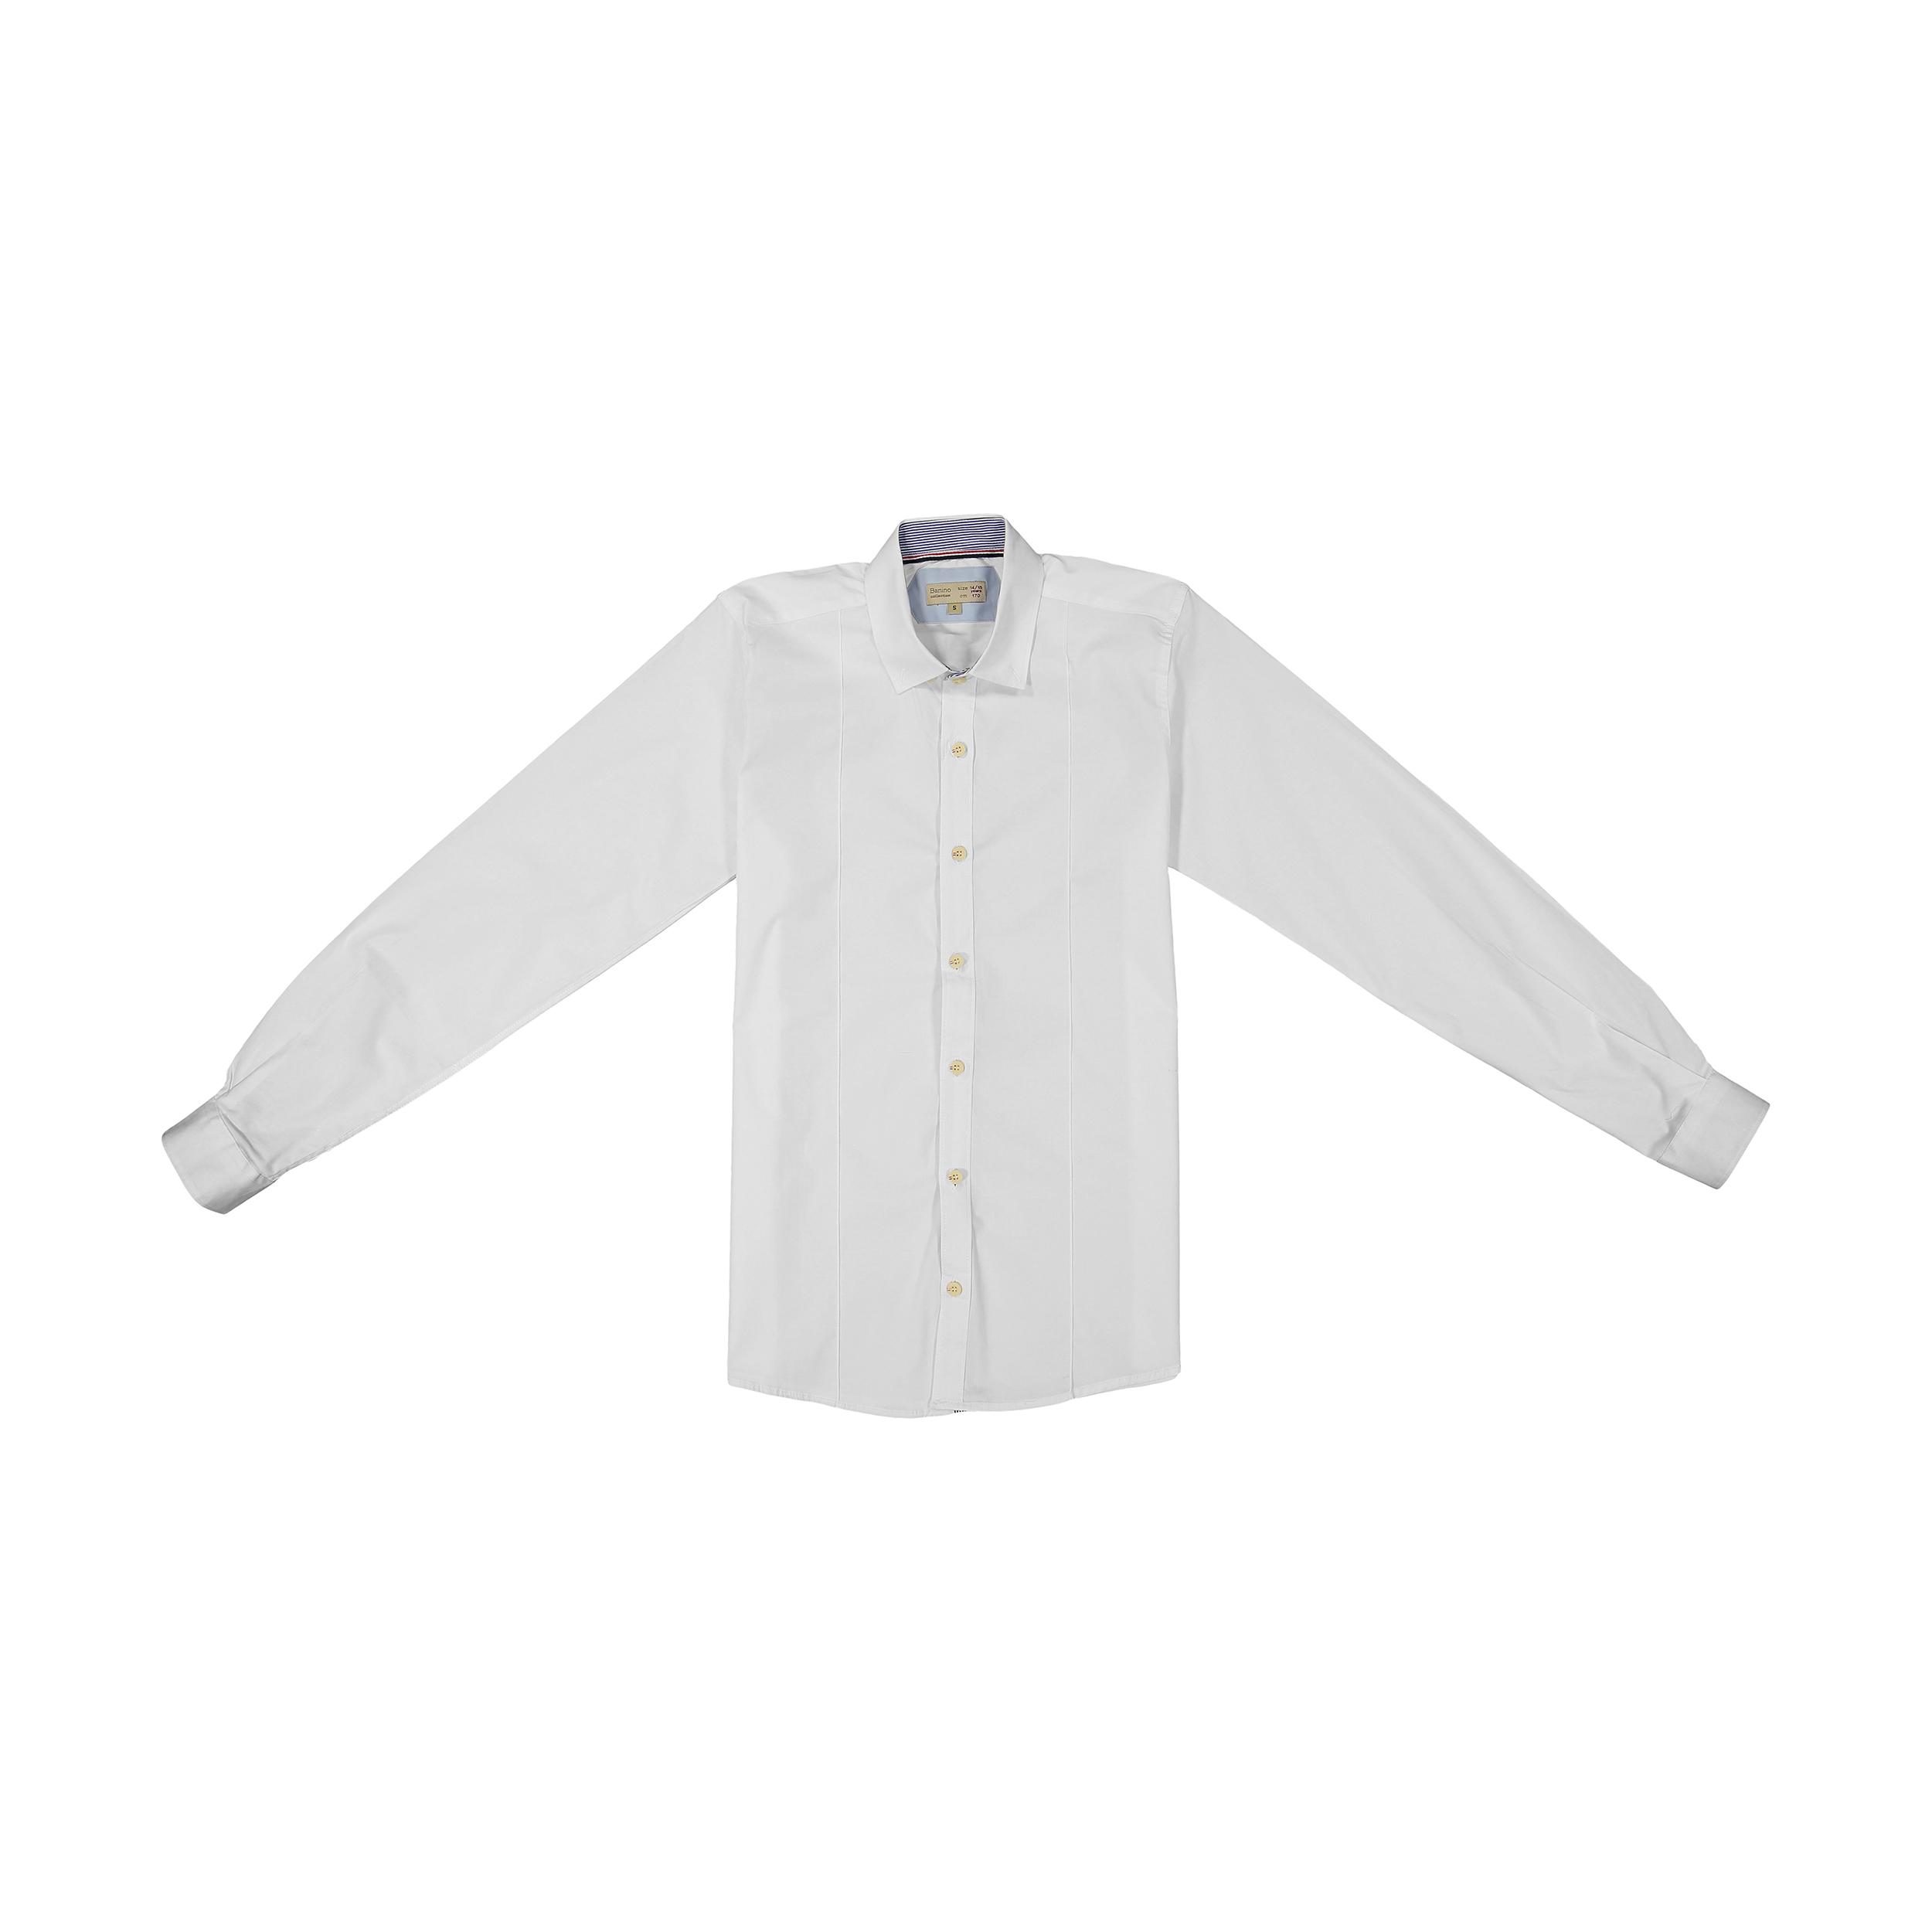 پیراهن پسرانه بانی نو مدل 2191153-01